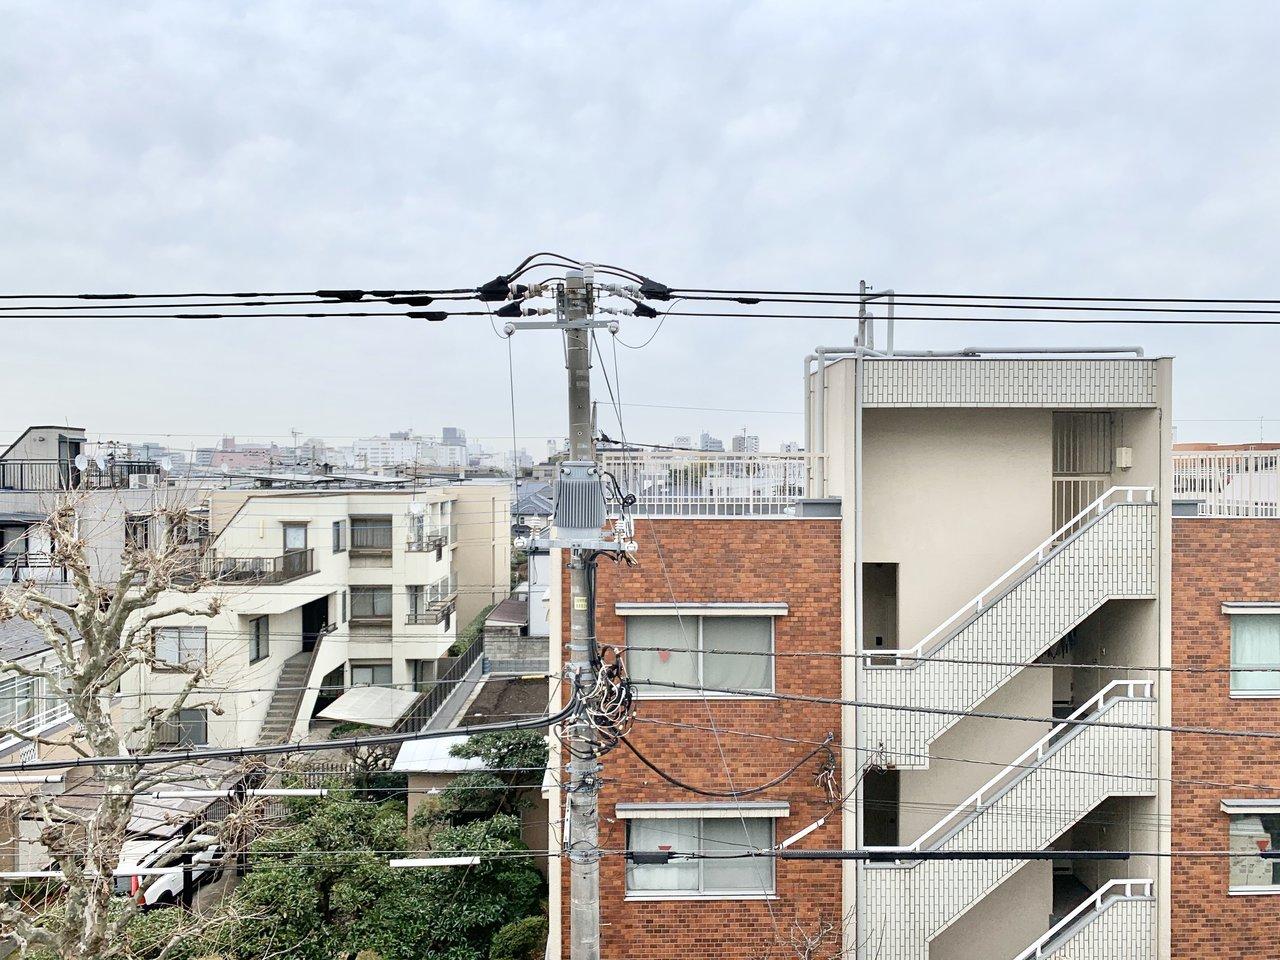 お部屋から見える風景。「あー、わたし今日から吉祥寺で暮らすんだ」なんて言葉が漏れてきそうです。